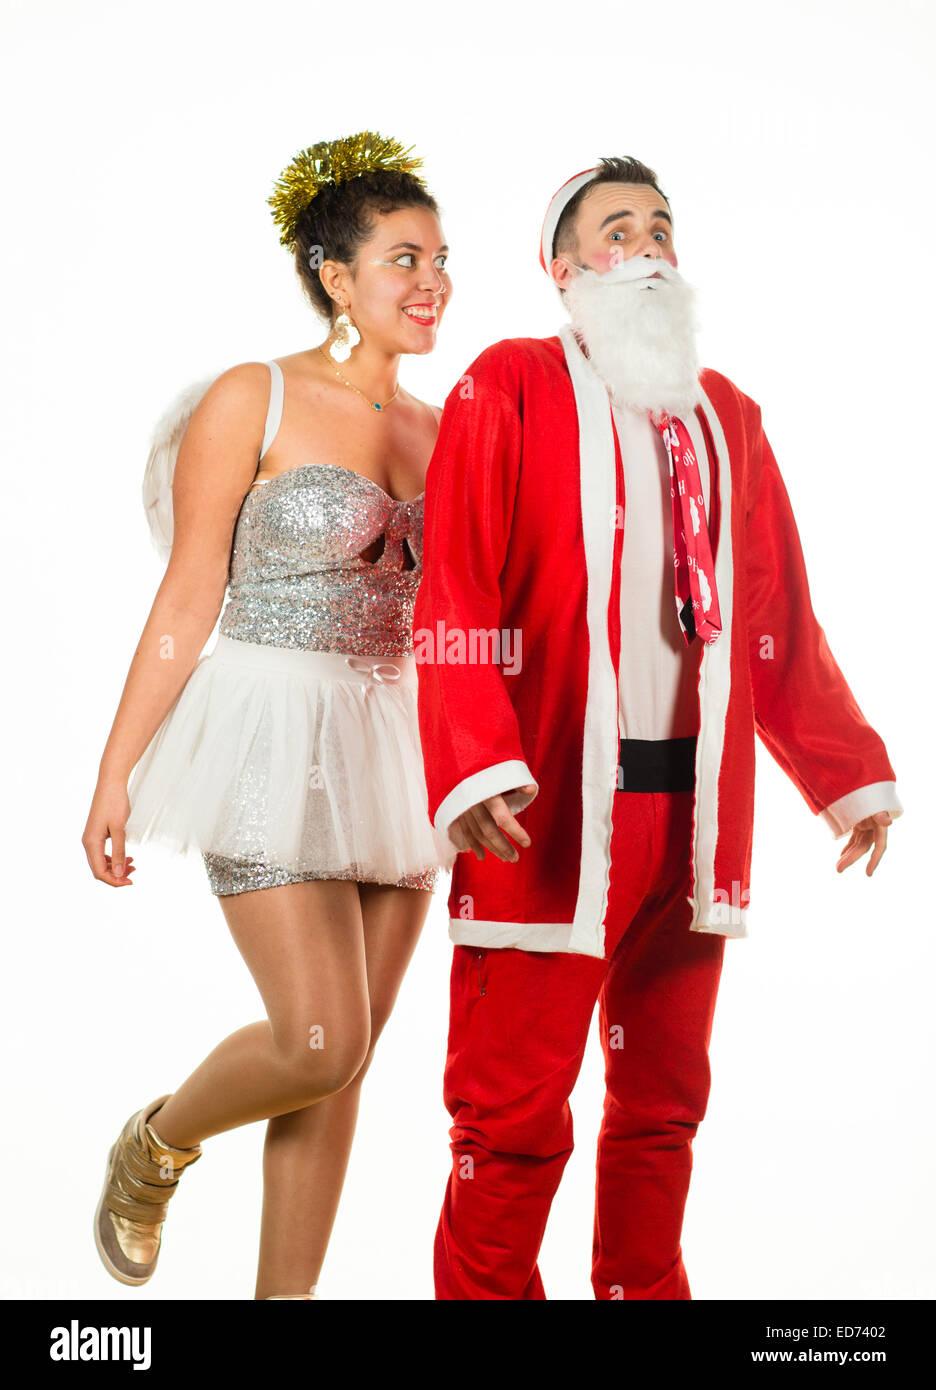 Weihnachtsengel goosing Santa Claus: zwei Jugendliche bei einem ...